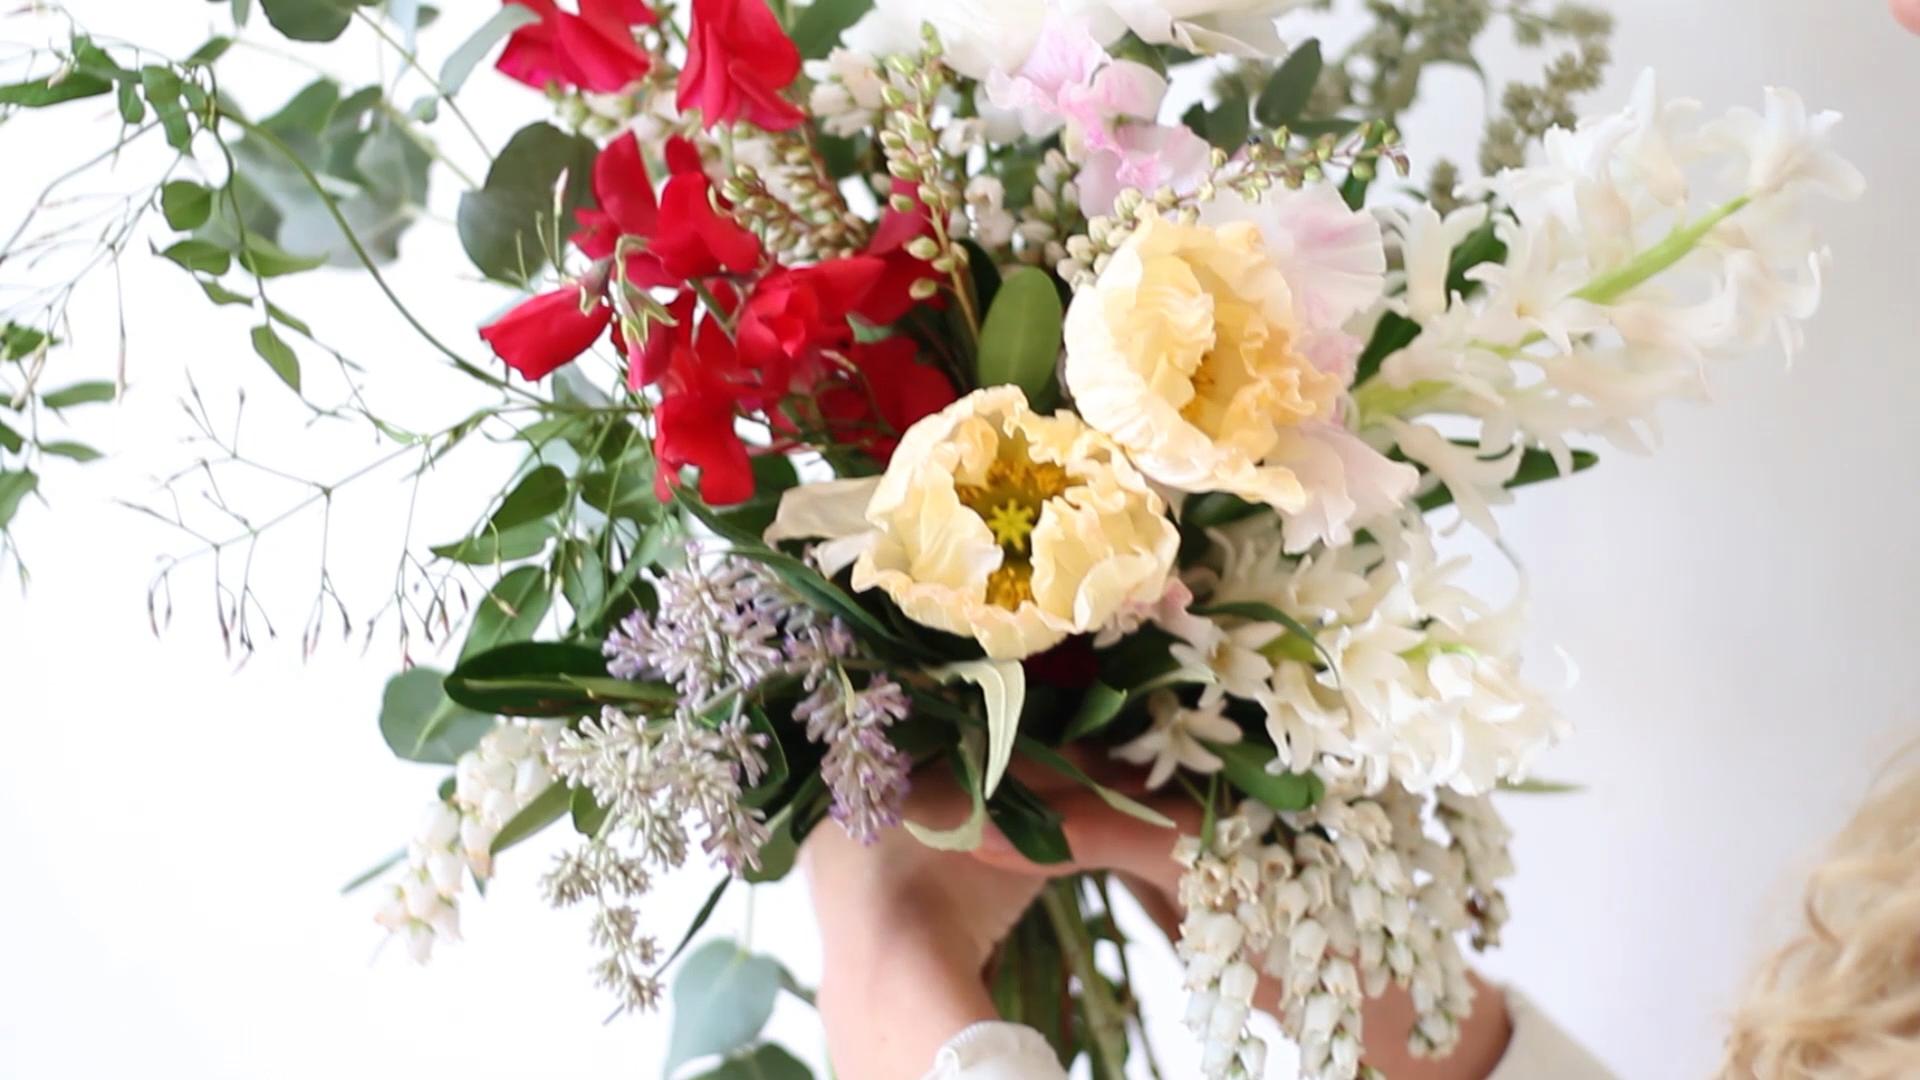 flora-by-rachel-allan-the-honest-jones50.53 PM.png